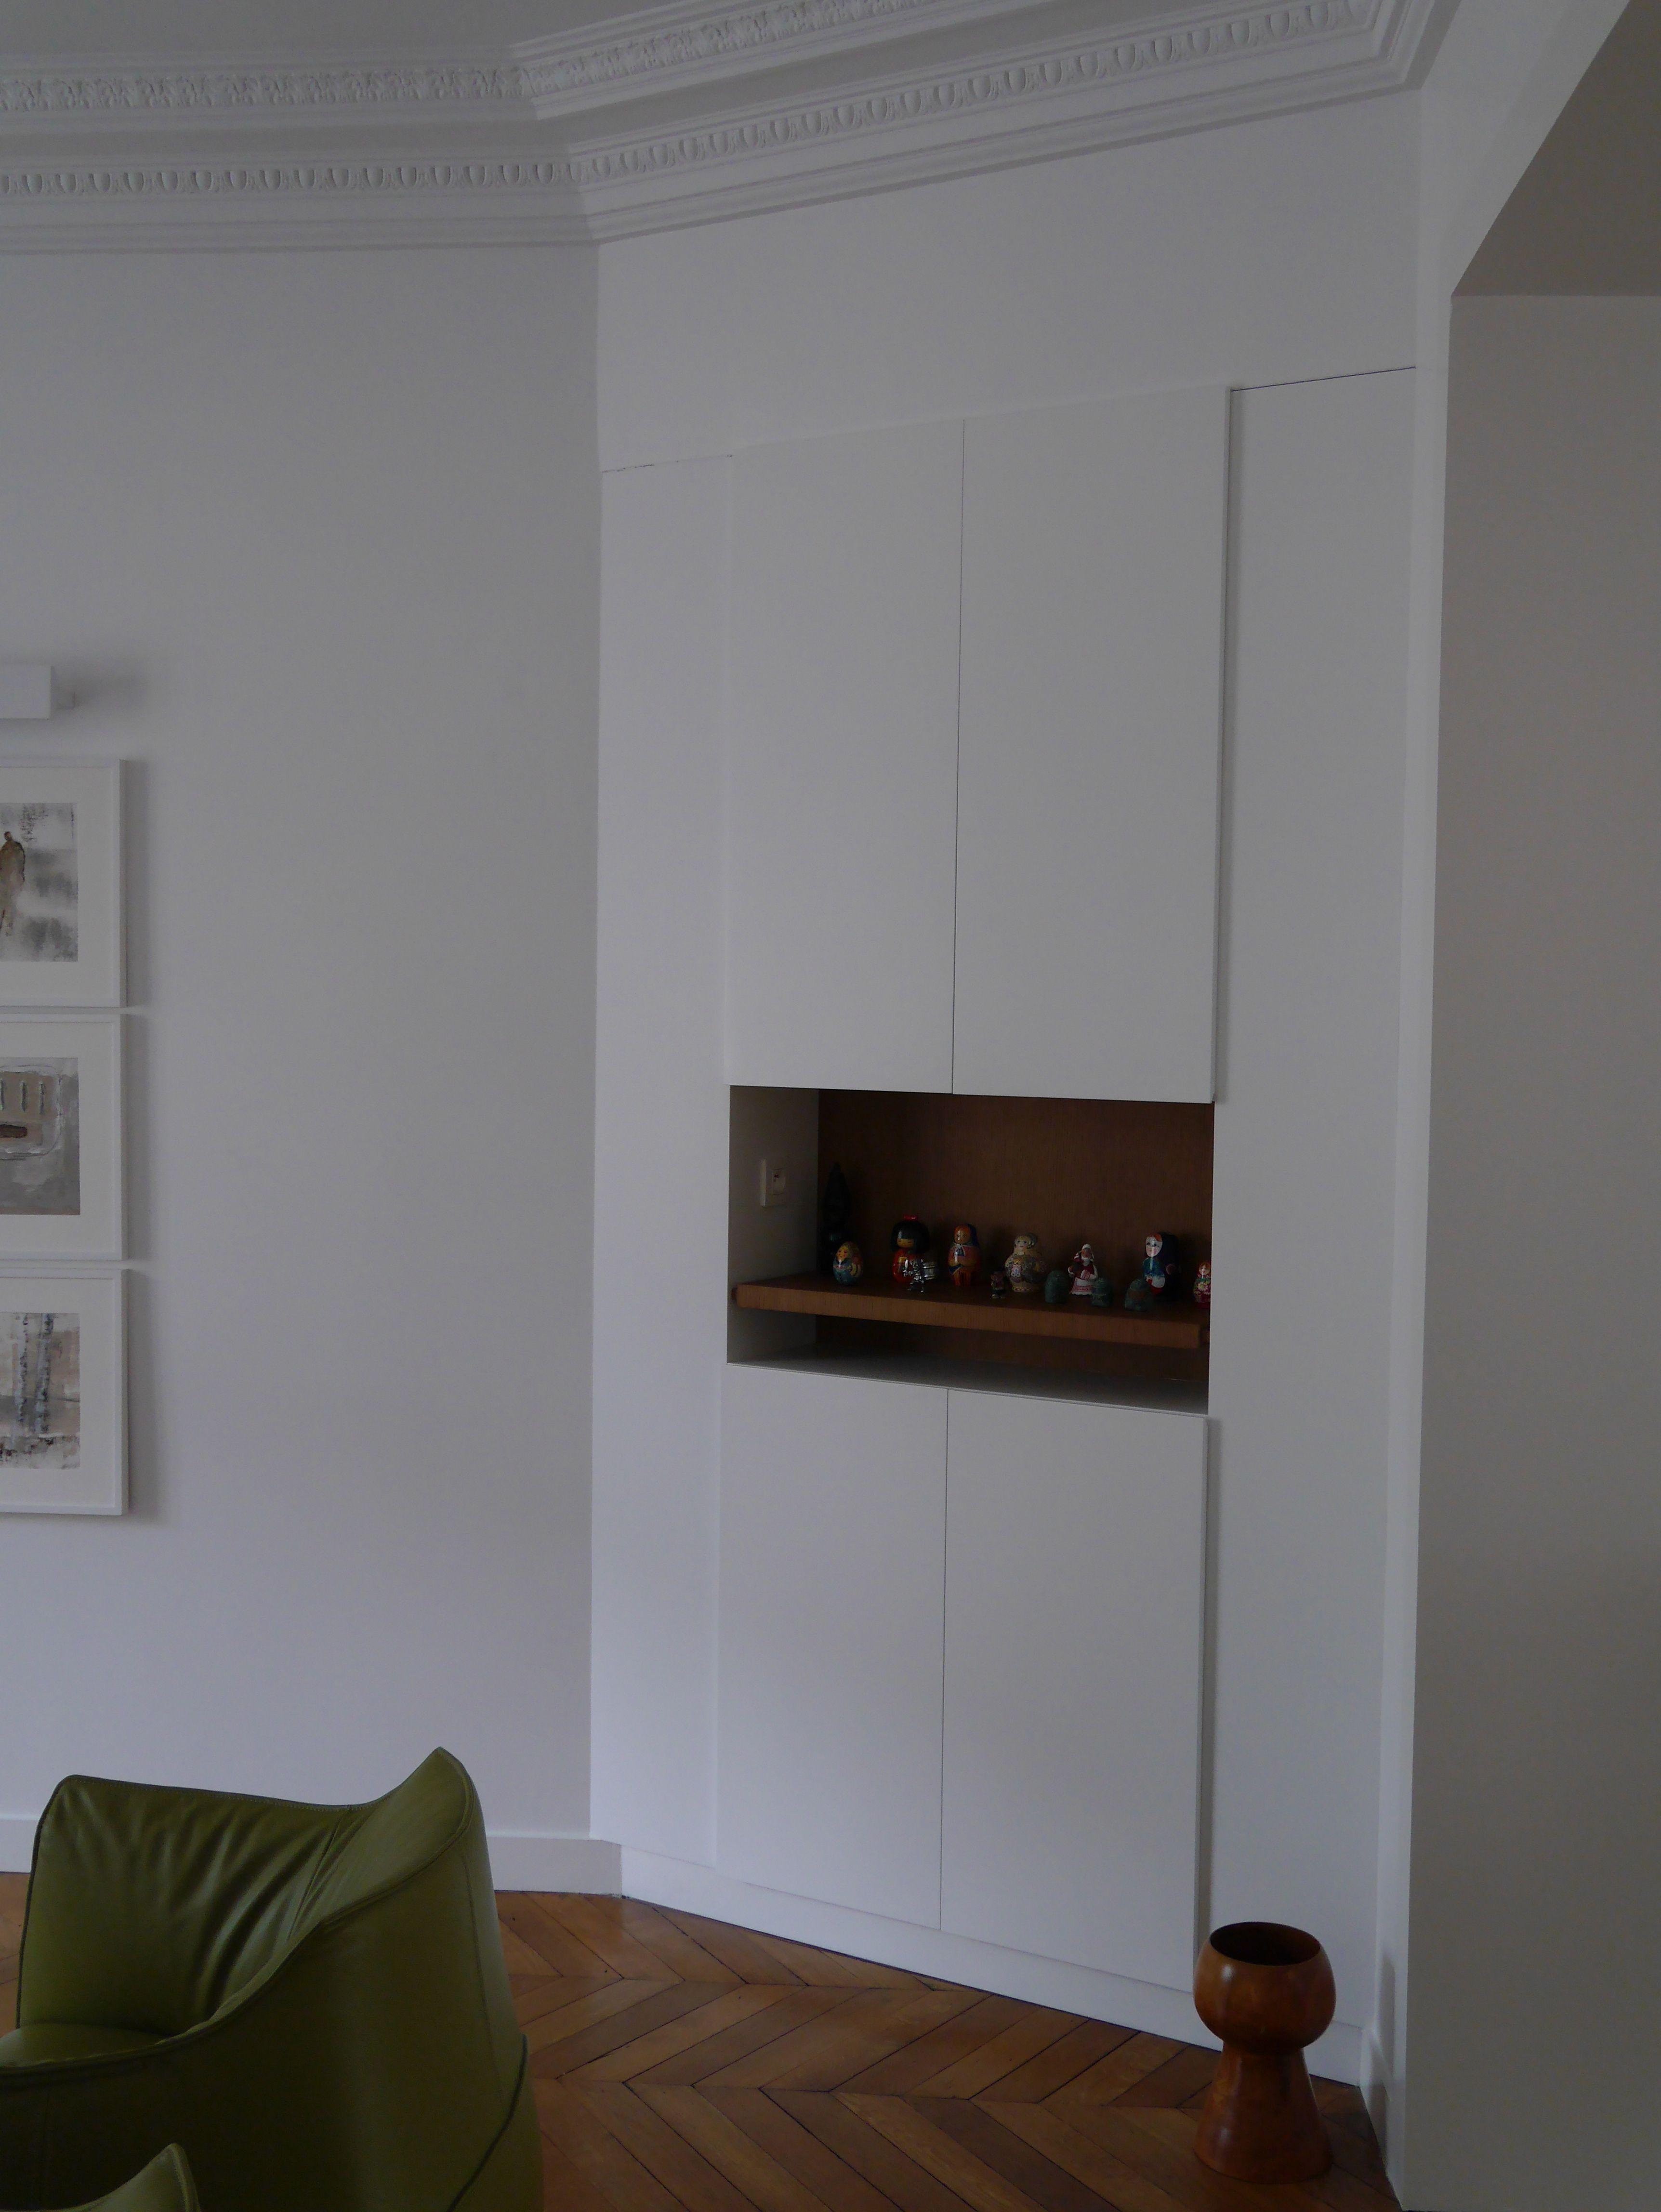 Meuble D Angle Encastr Dans Un Mur Avec Niche D Coratif Meubles  # Meuble Ancien Angle Vitre